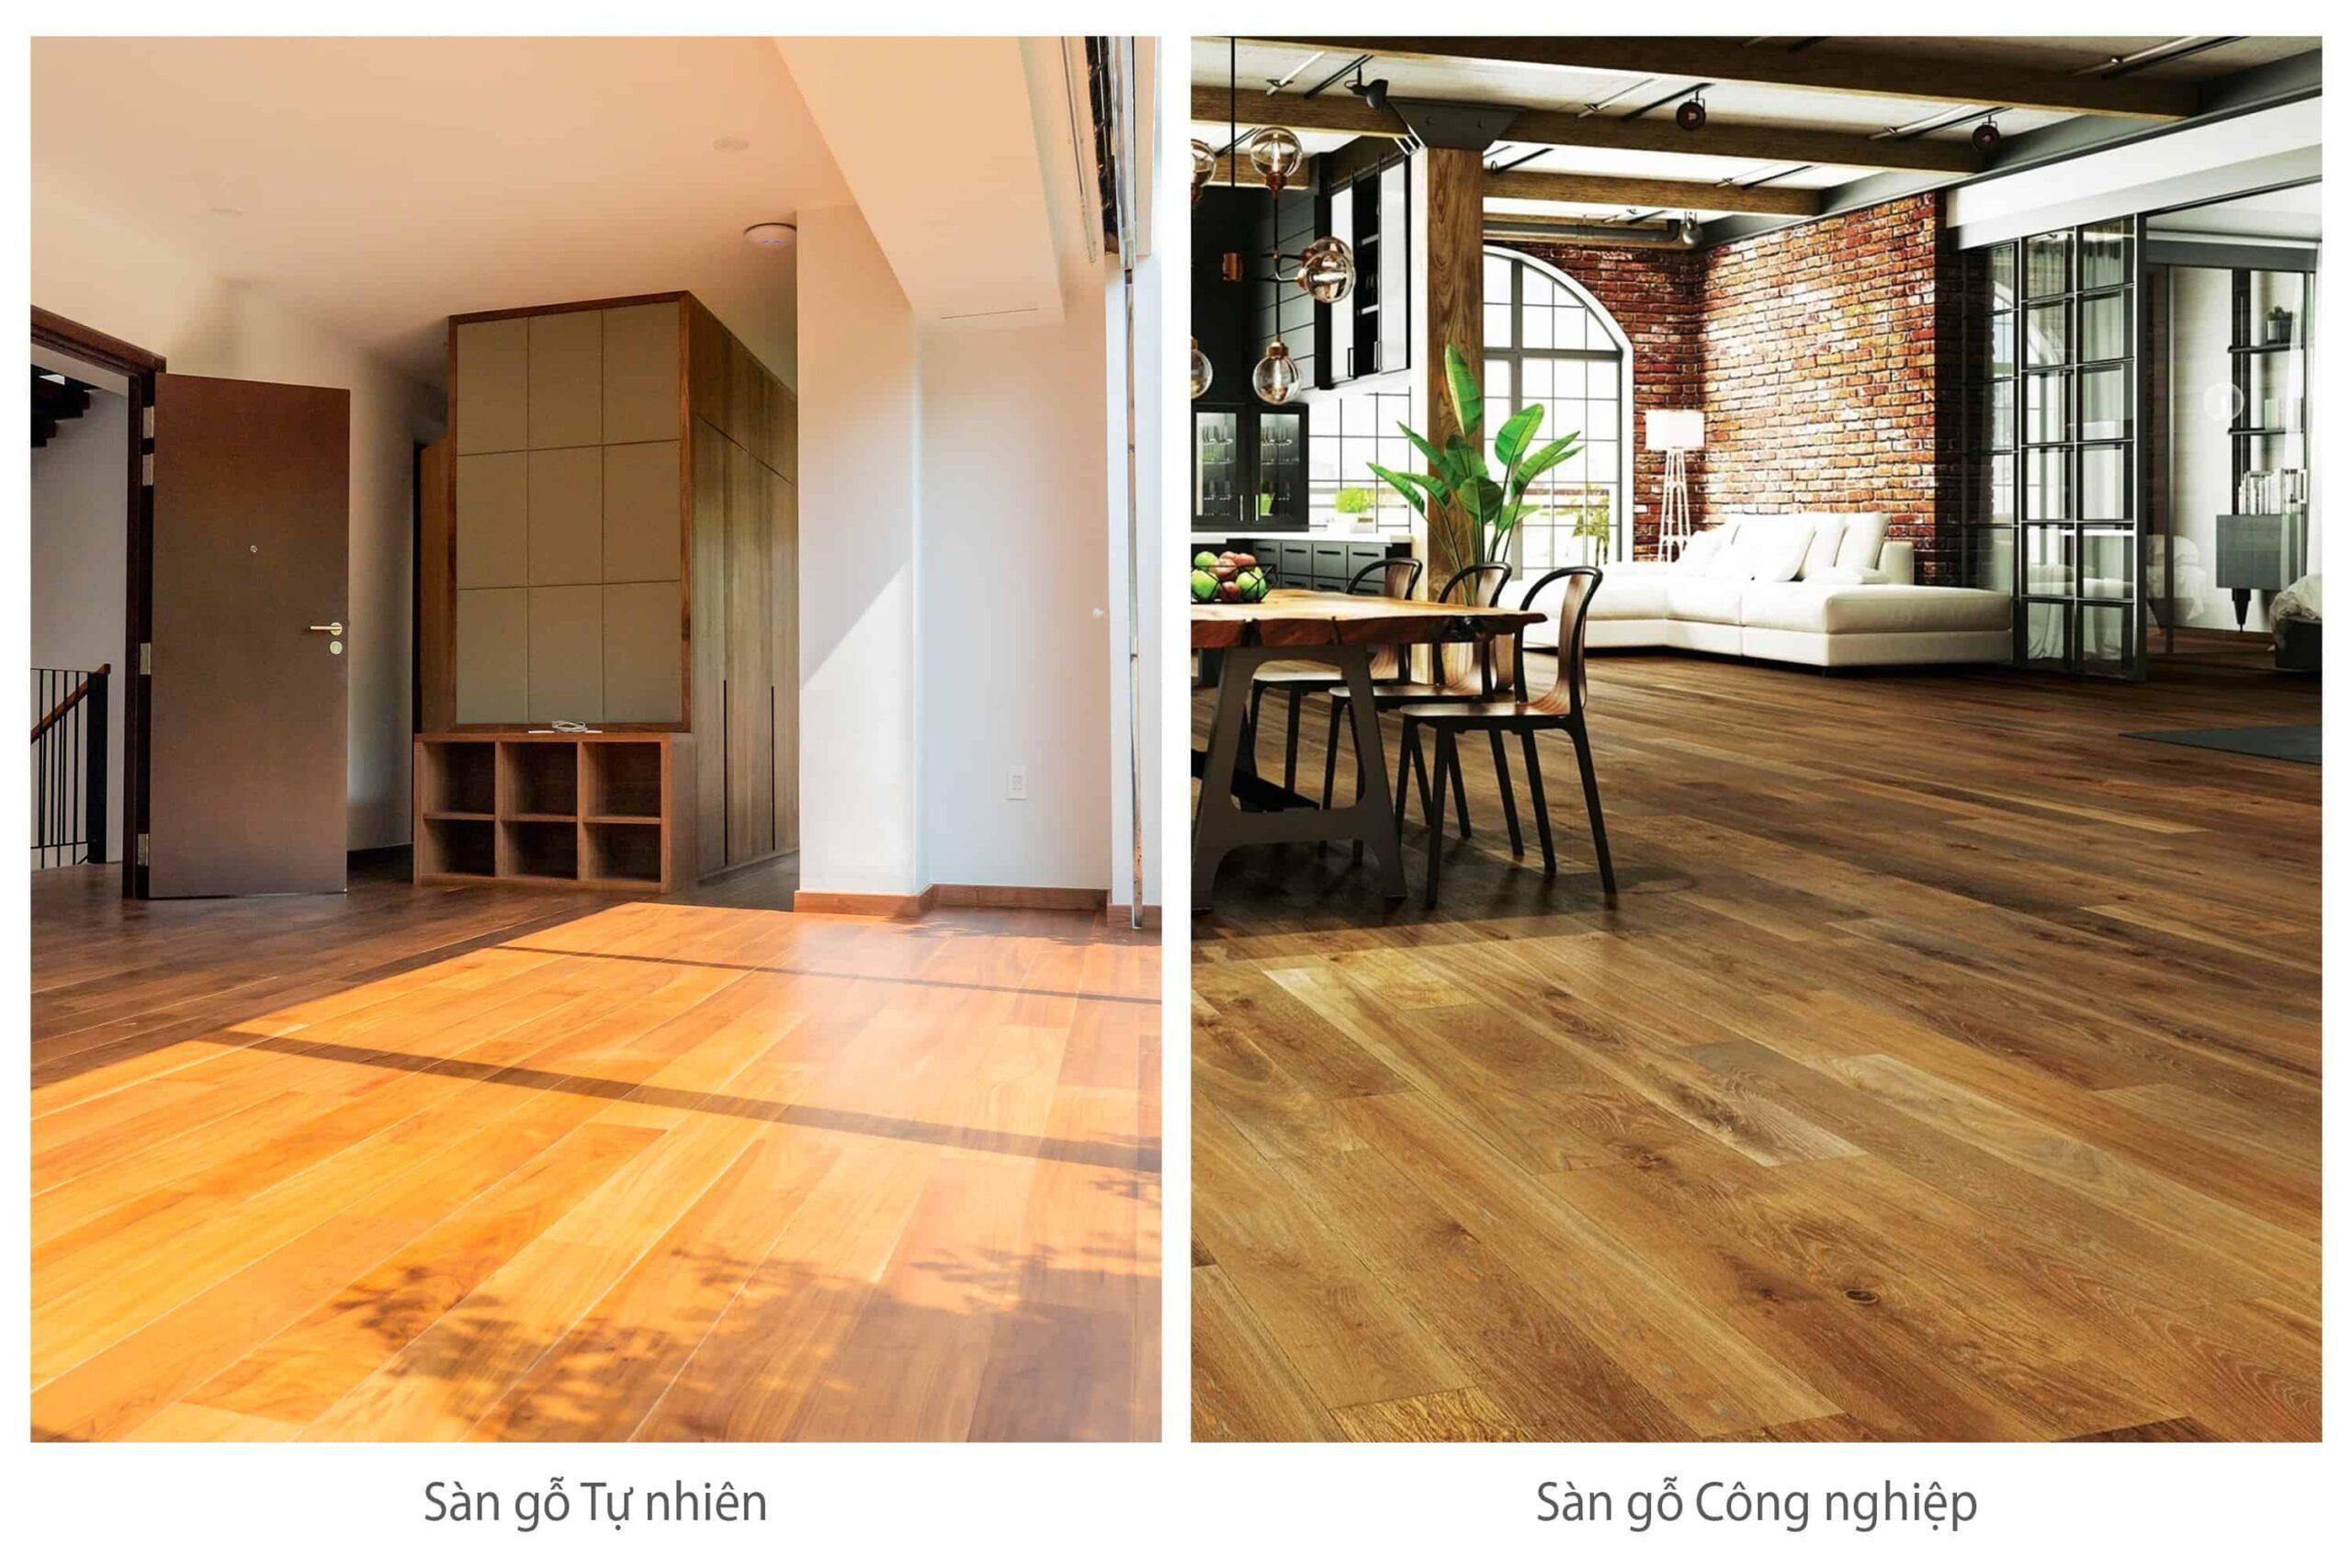 Hình ảnh sàn gỗ tự nhiên và sàn gỗ công nghiệp